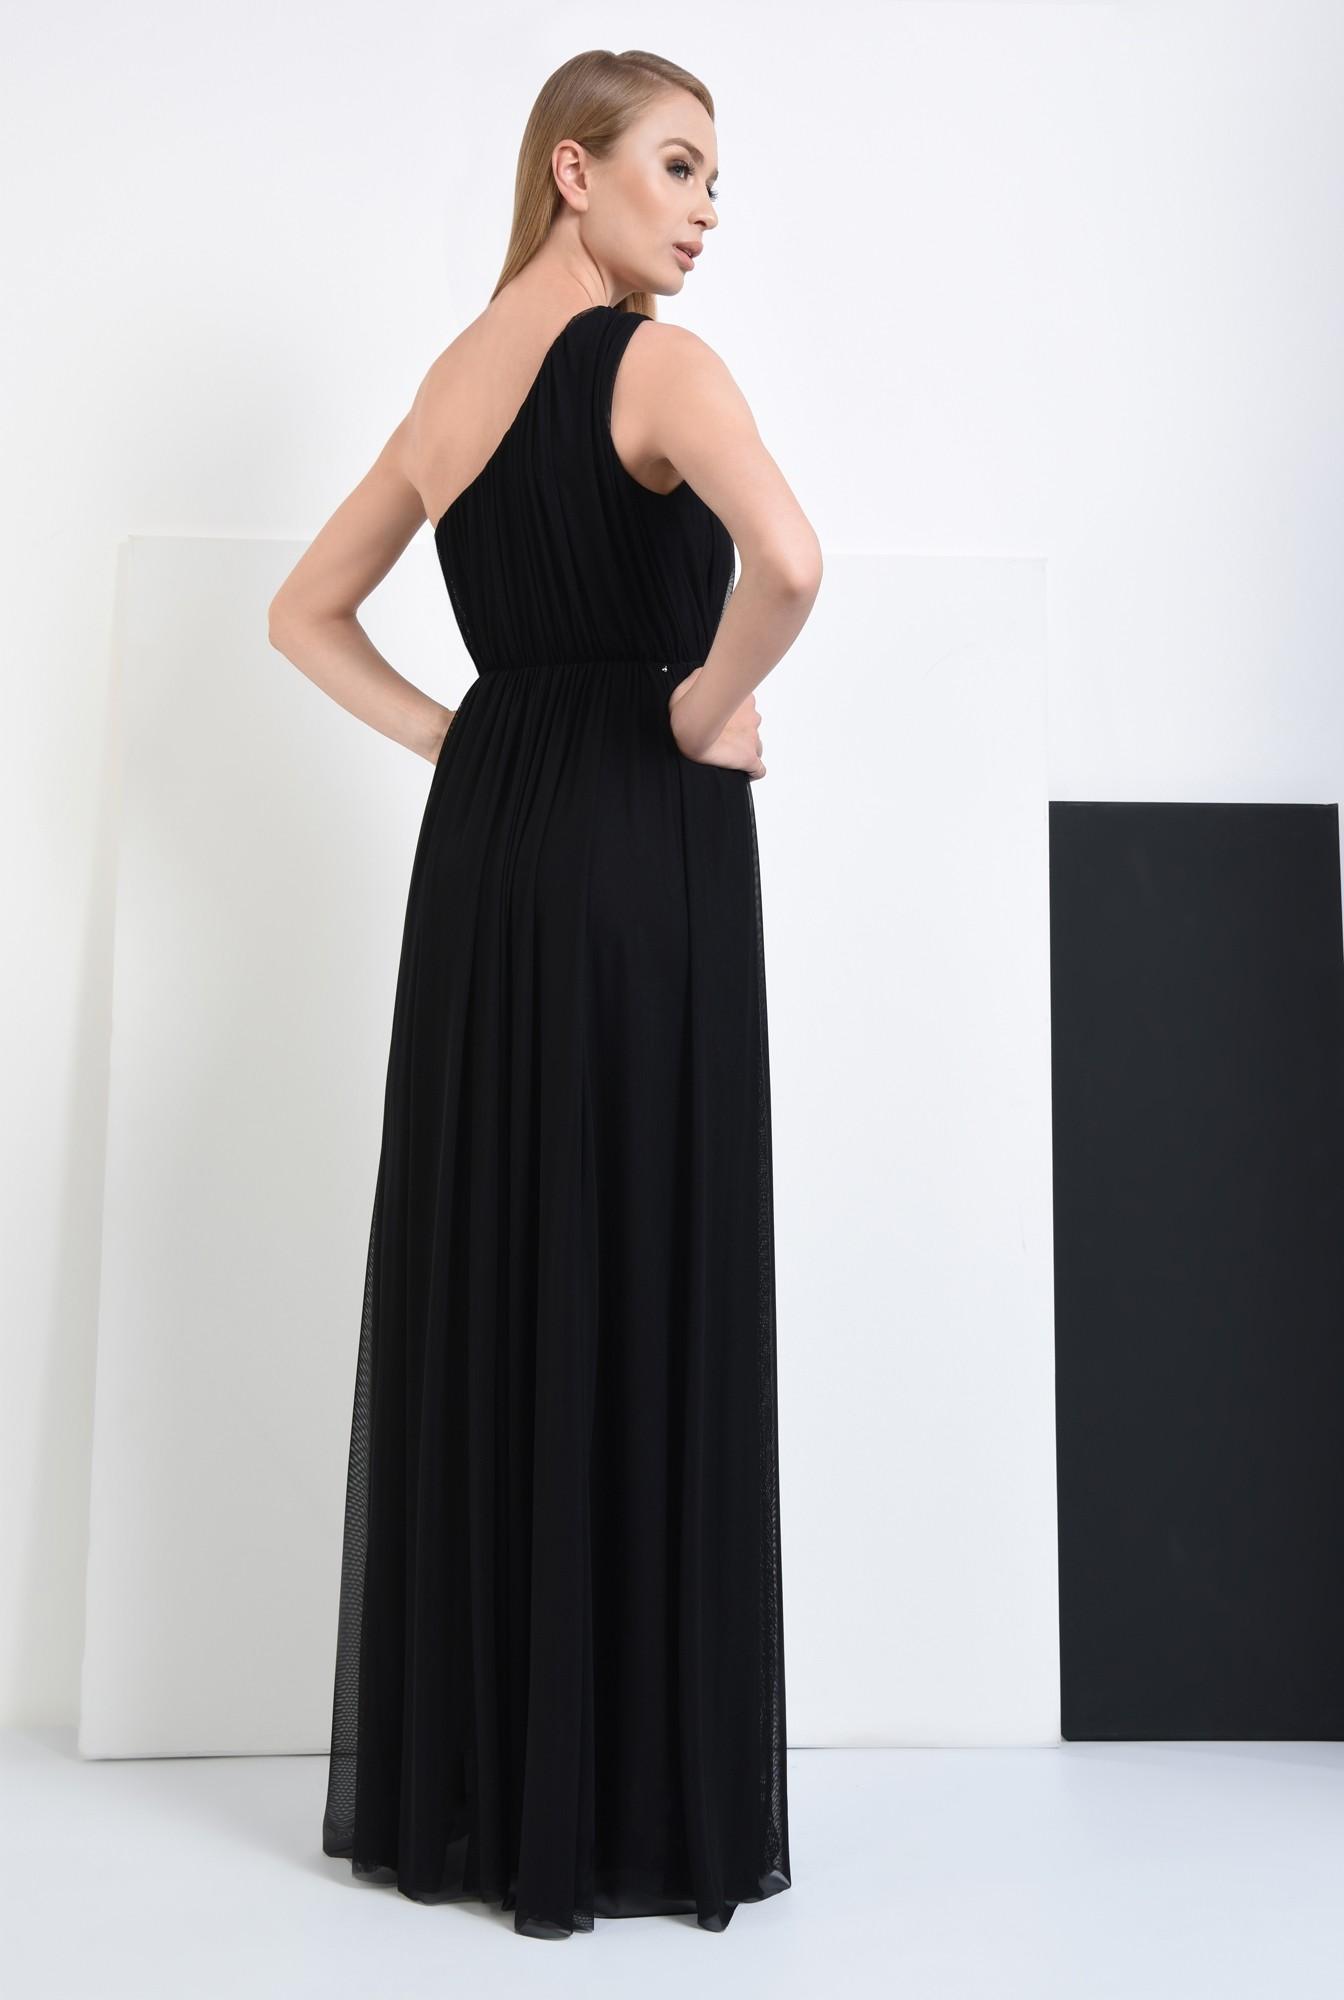 1 - 360 - rochie de seara, lunga, neagra, brosa, umar gol